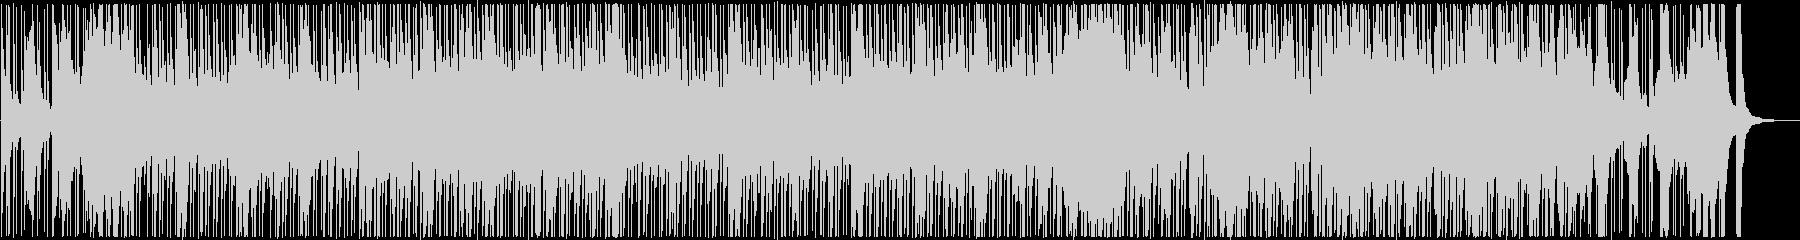 三味線と和太鼓などの和風で活気ある楽曲の未再生の波形